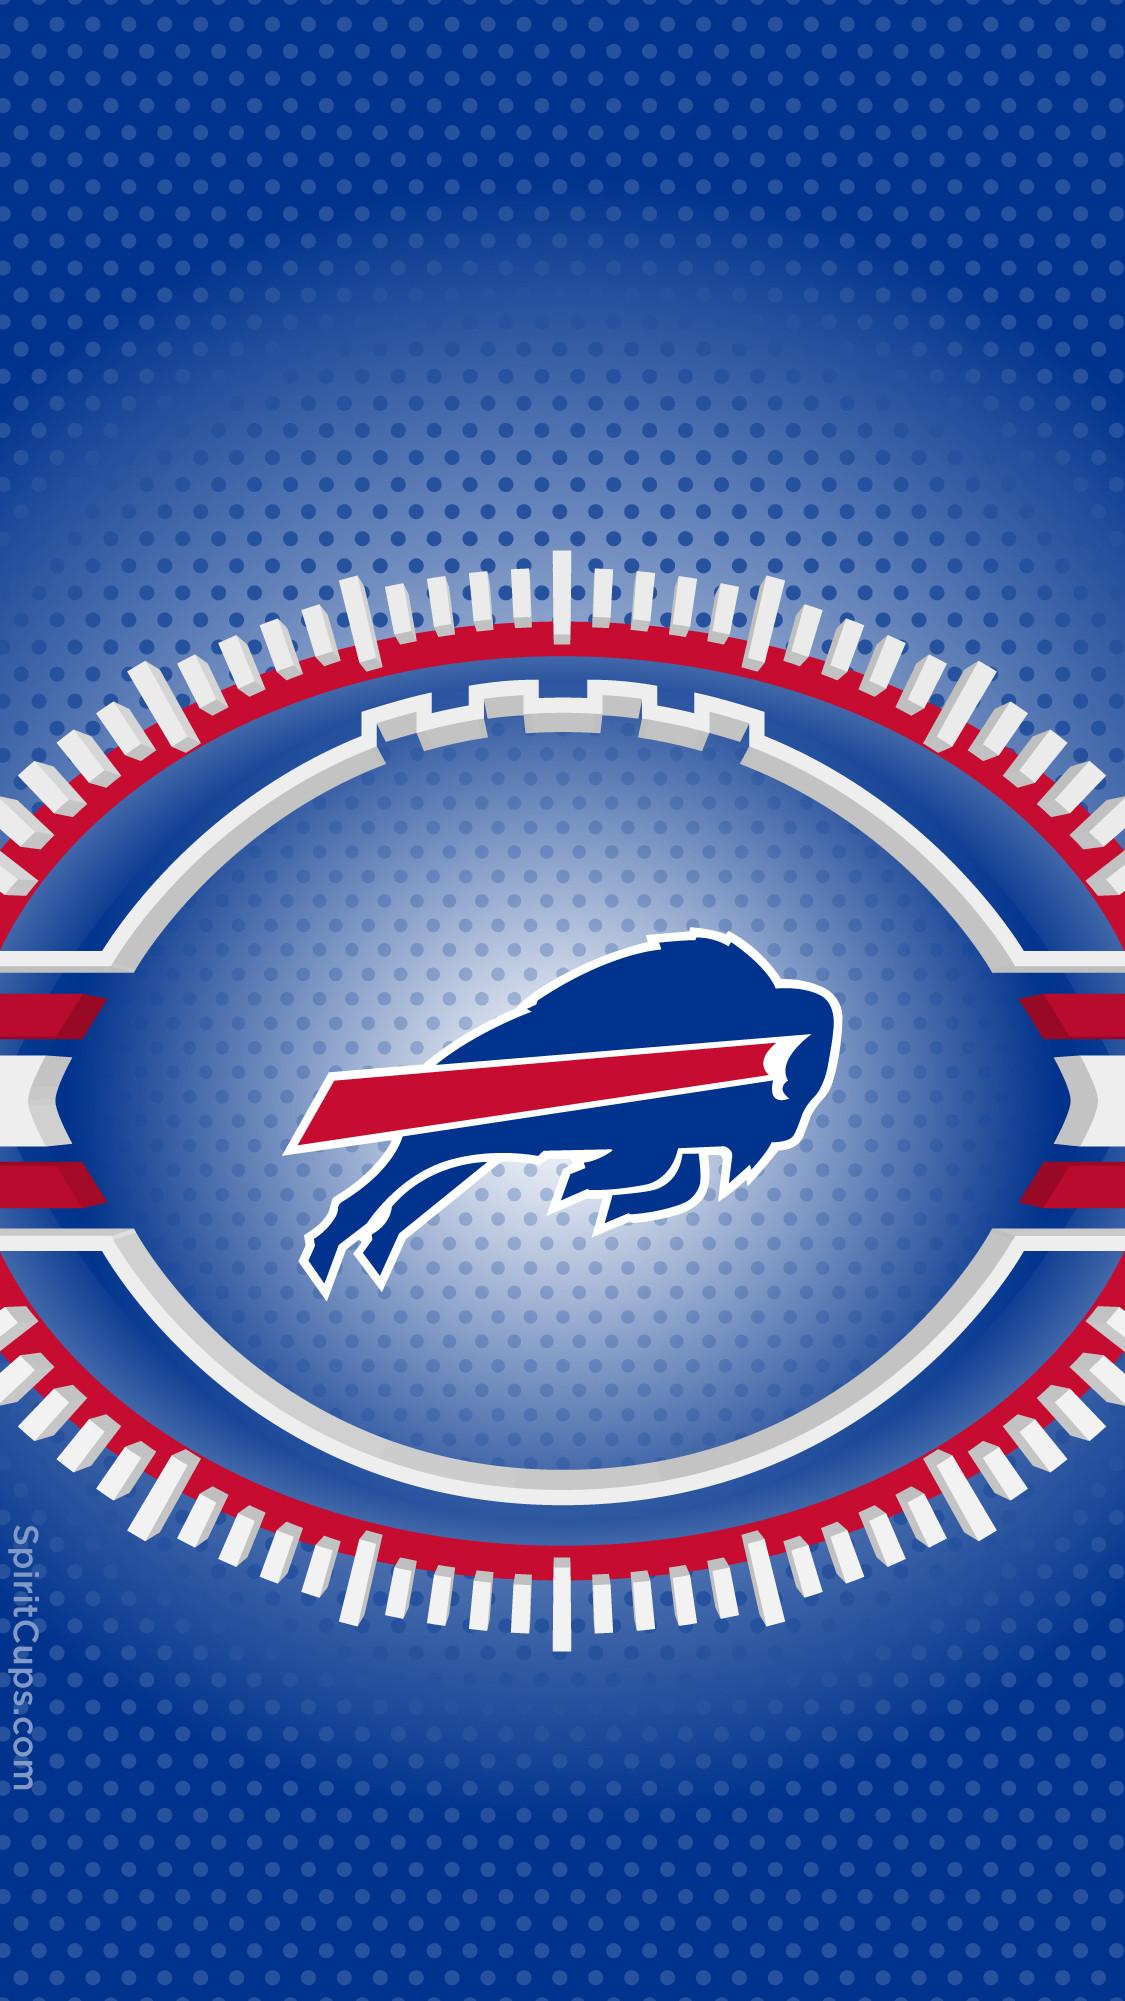 Dallas Cowboys · Denver Broncos · Detroit Lions · Green Bay Packers ·  Houston Texans · Indianapolis Colts · Jacksonville Jaguars · Kansas City  Chiefs